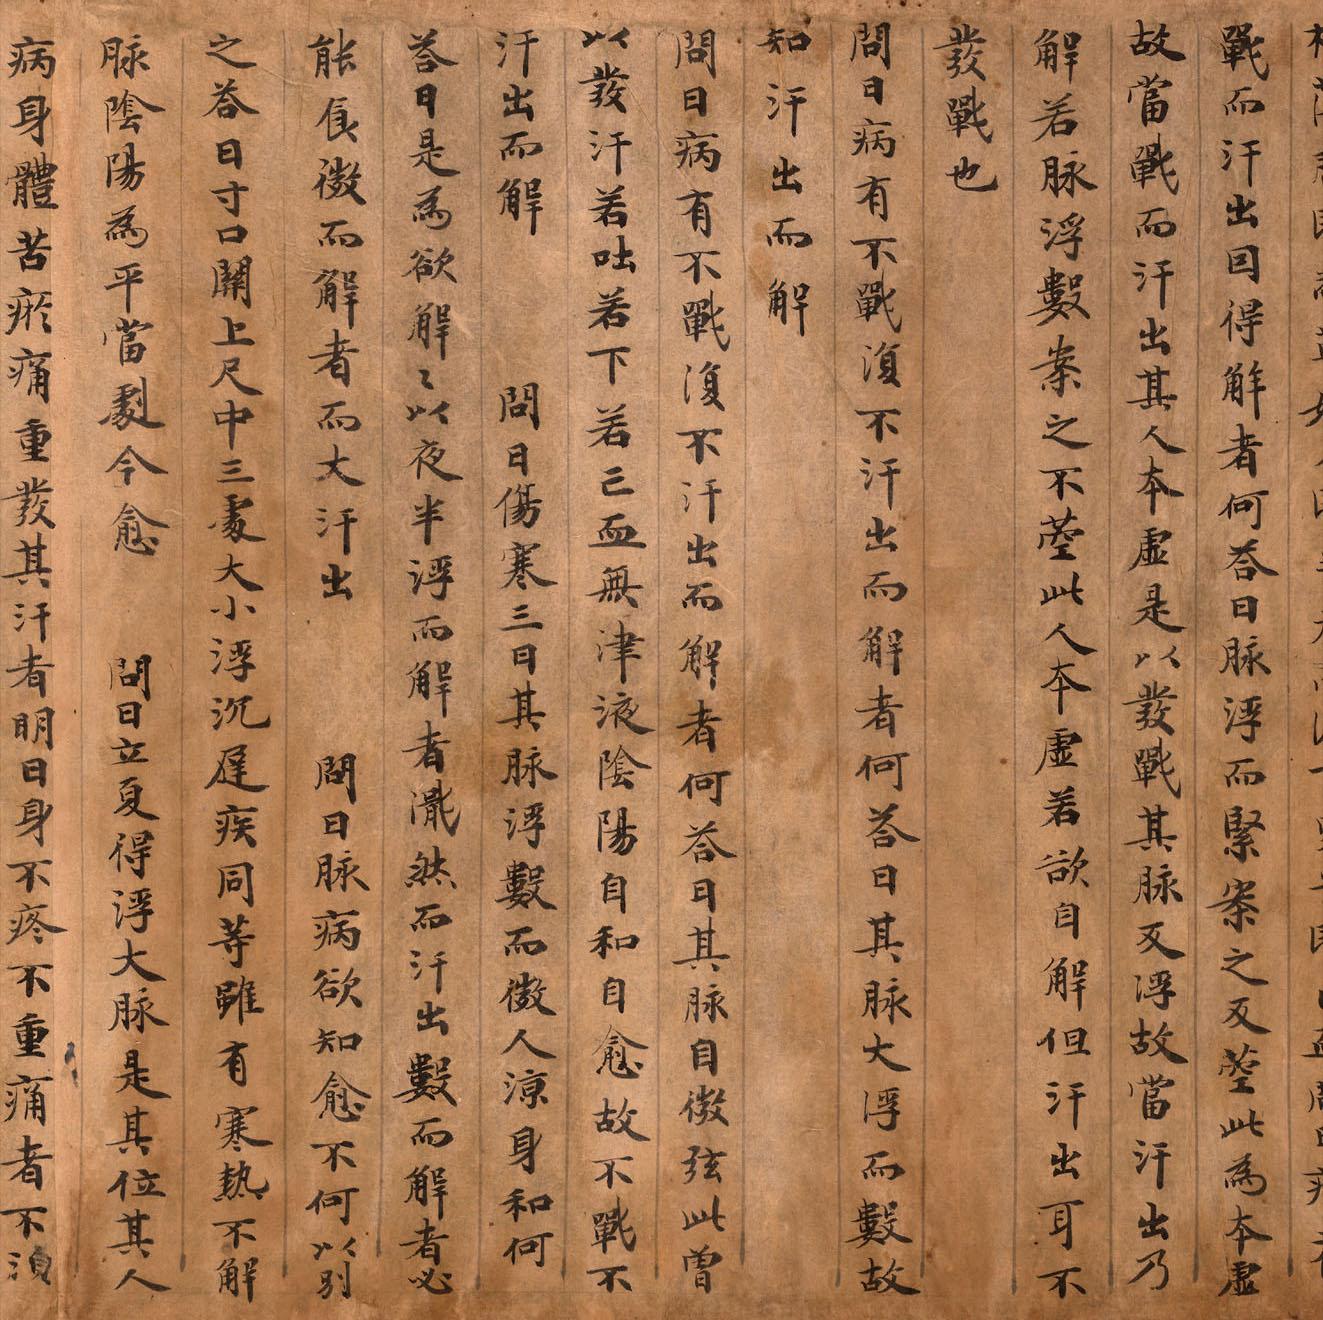 敦煌《医药文献》 纸本,卷轴 - 老排长 - 老排长(6660409)